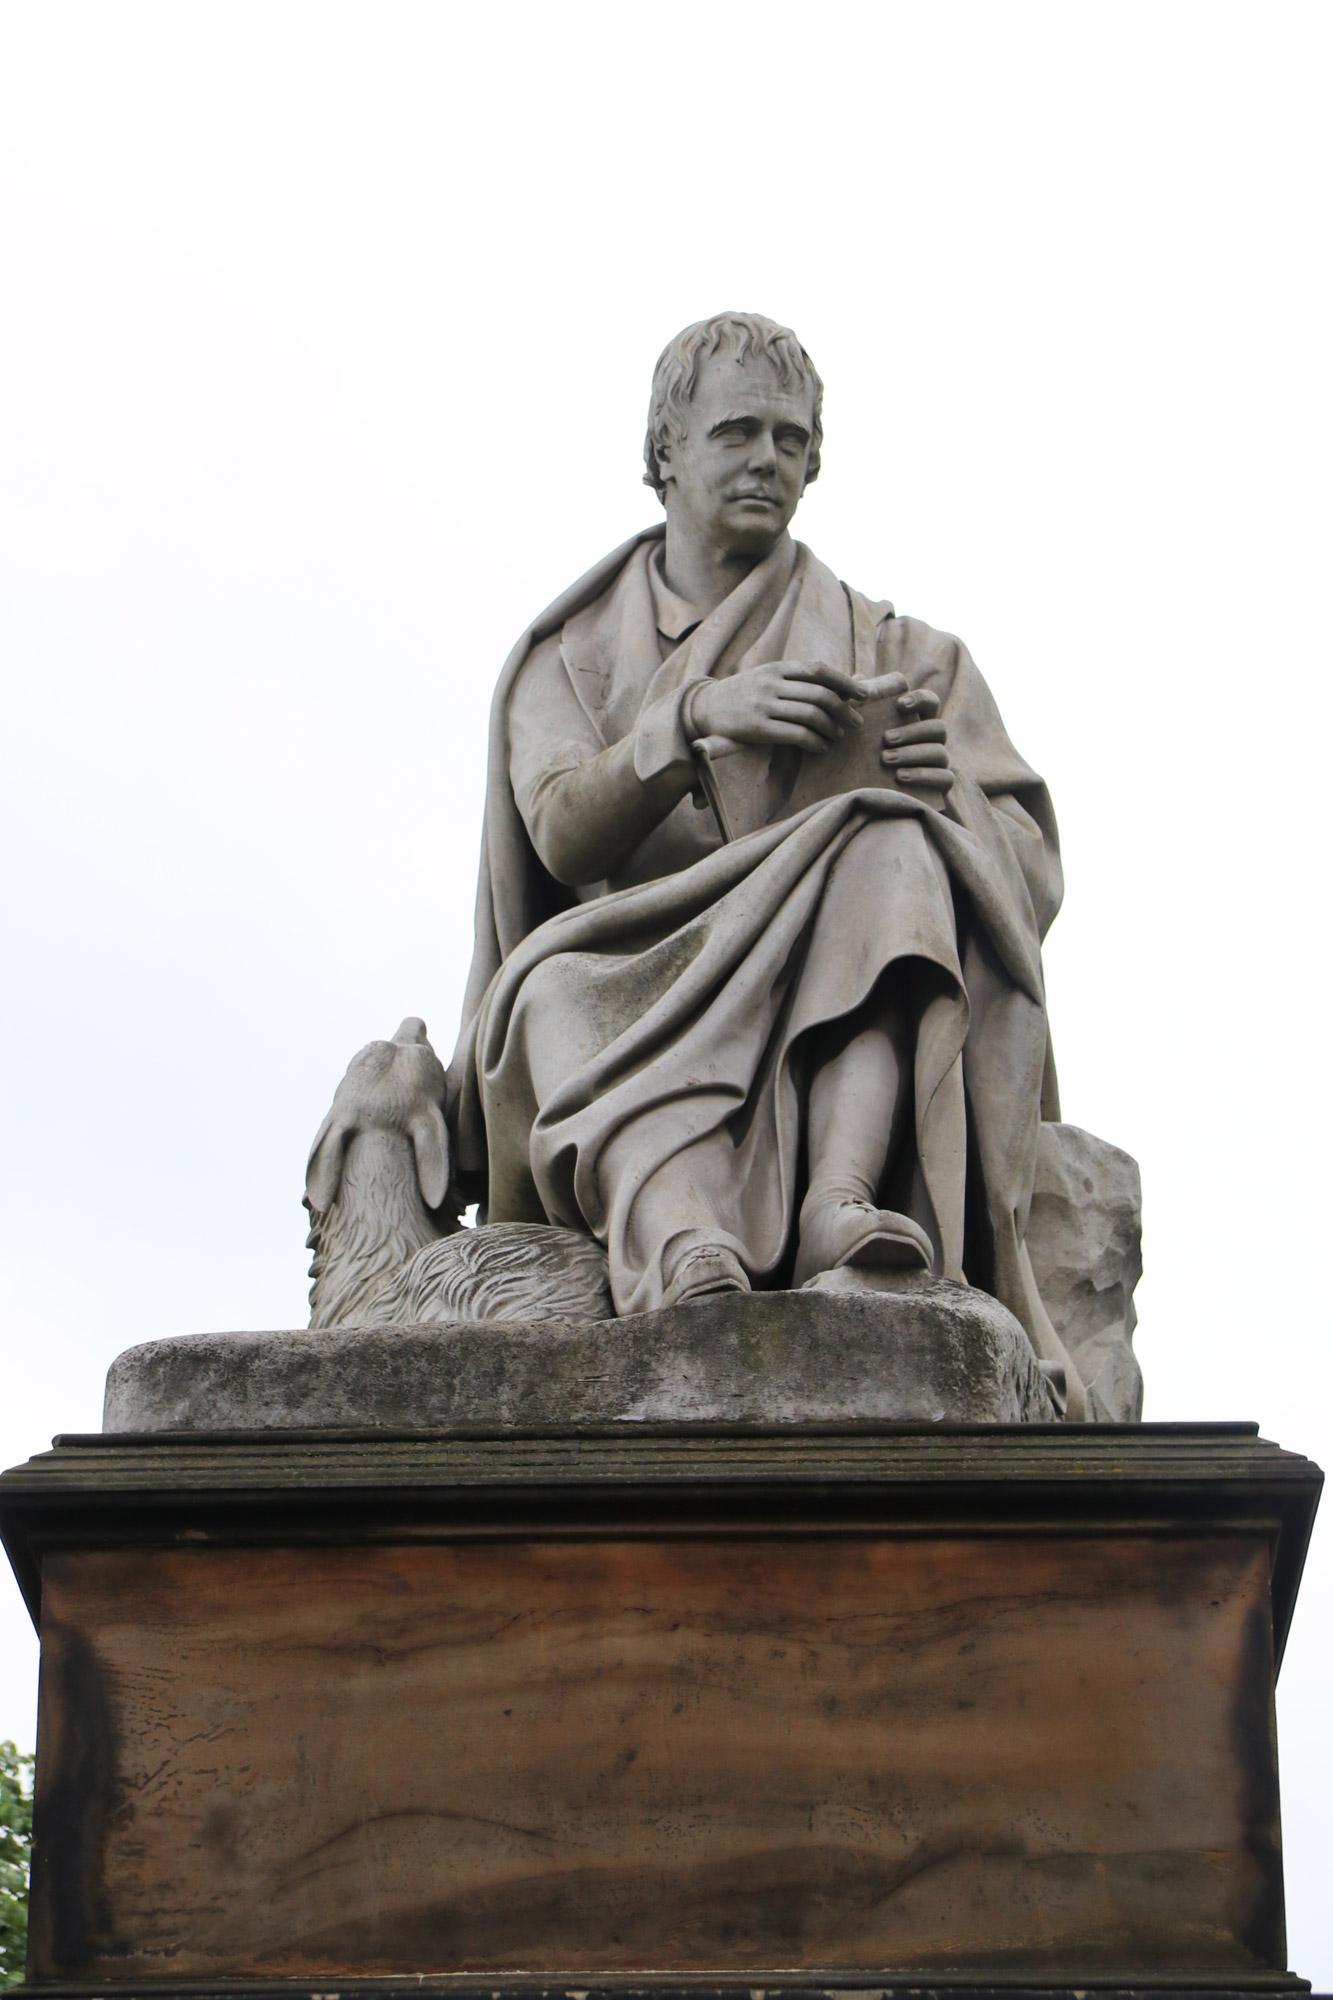 Mannenweekend in Edinburgh - Standbeeld bij Scott Monument